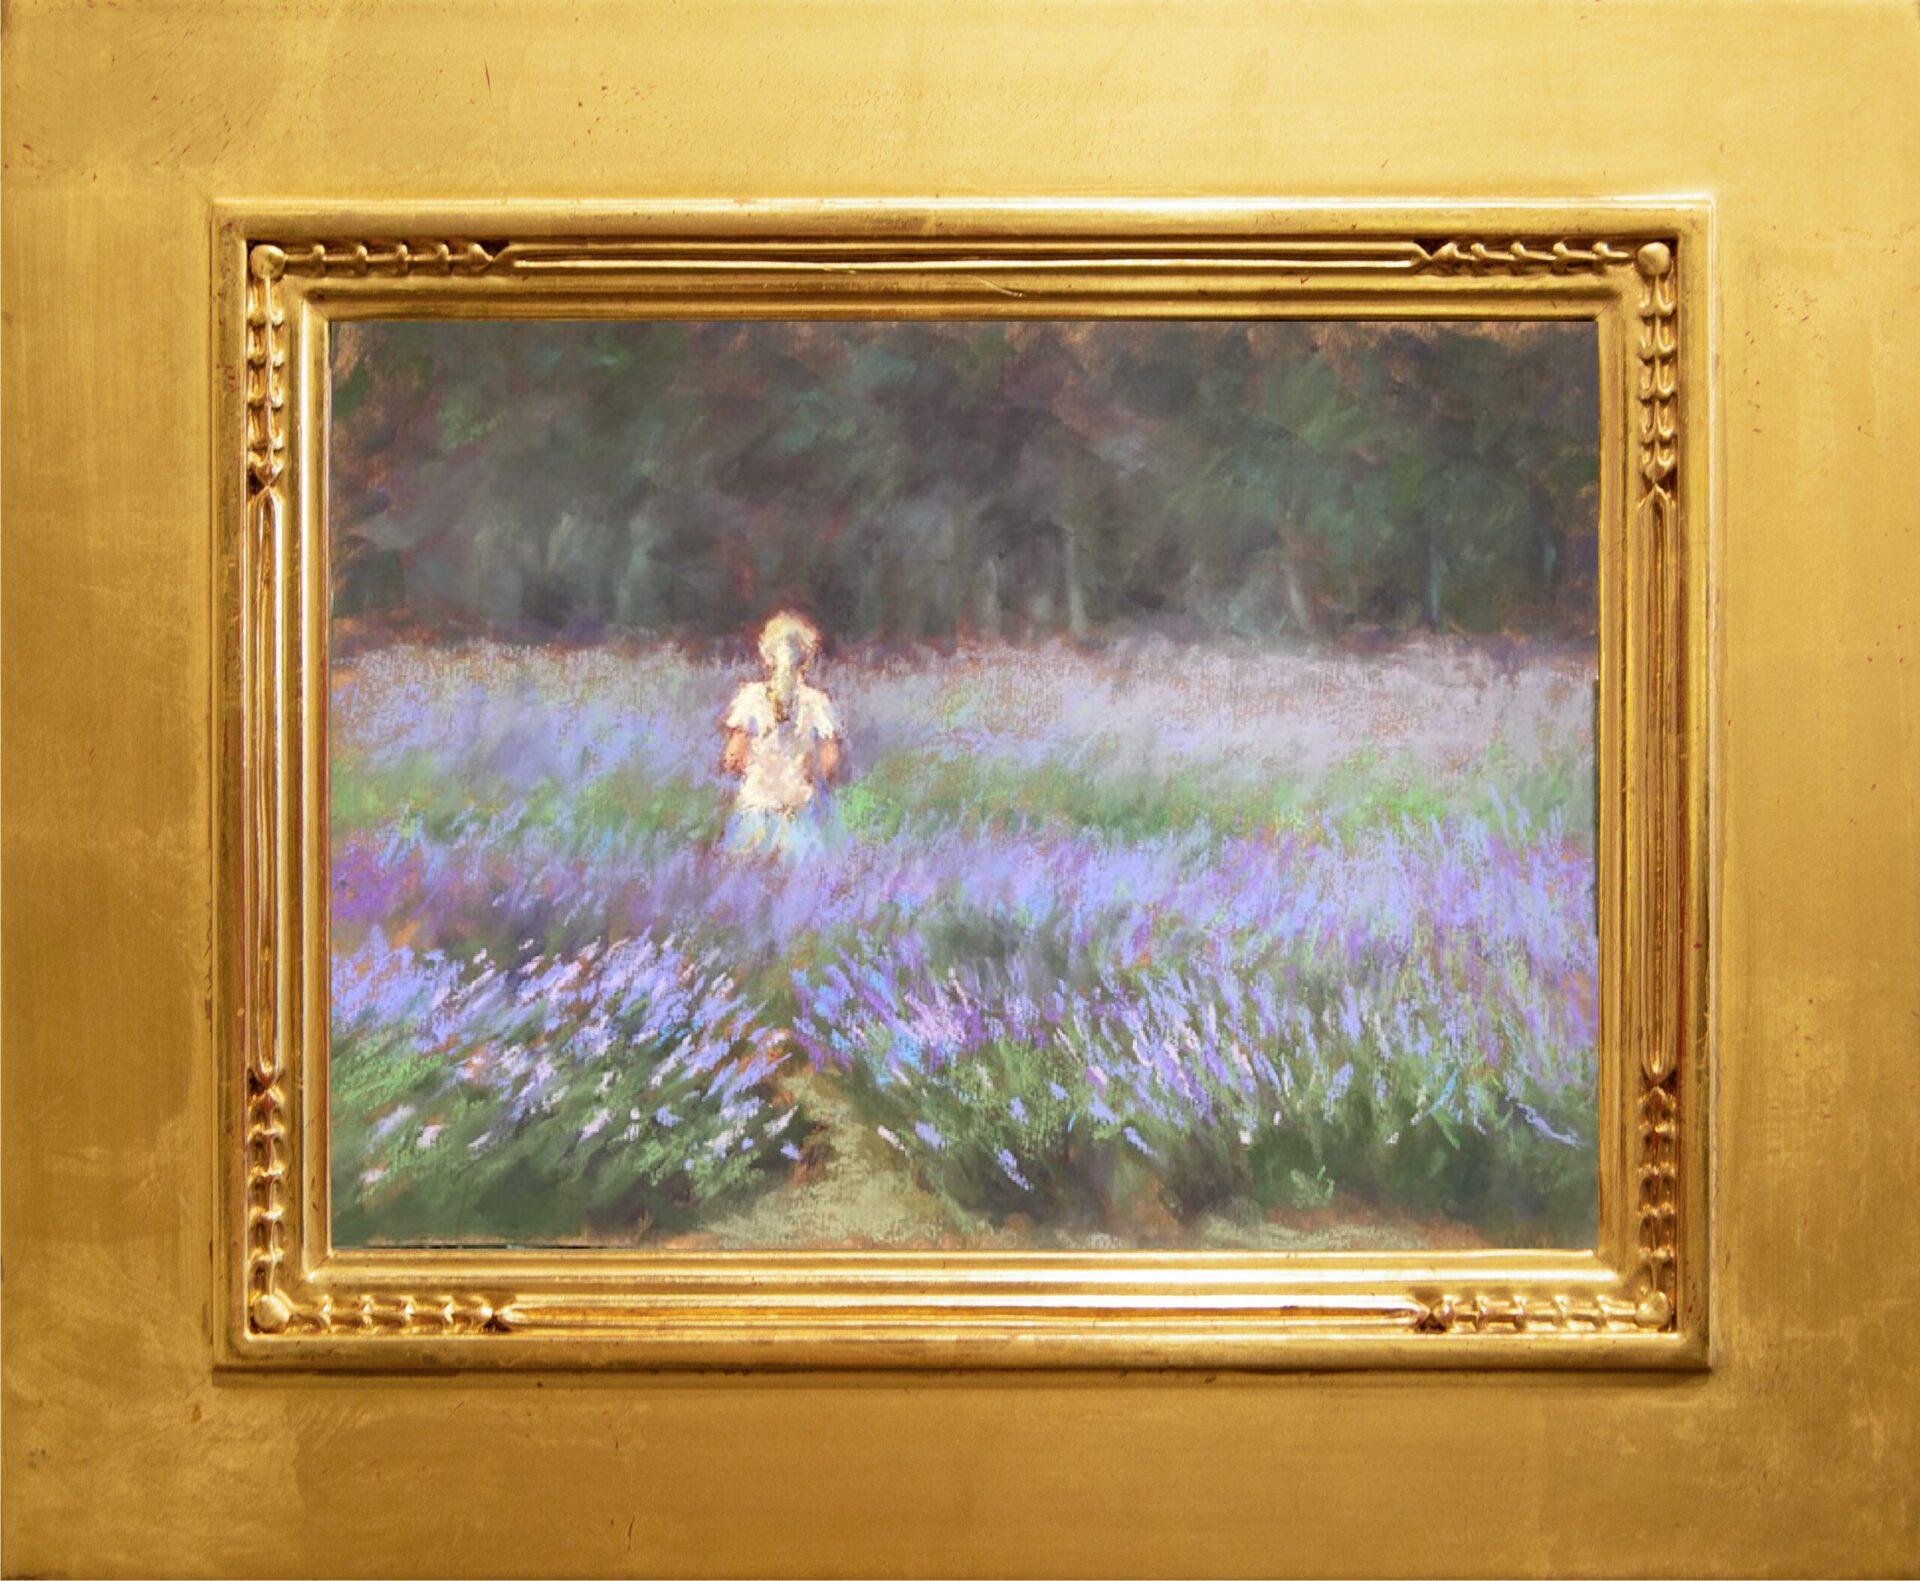 Ballinger_Under_a_Lavender_Spell_9x12_Frame (1)